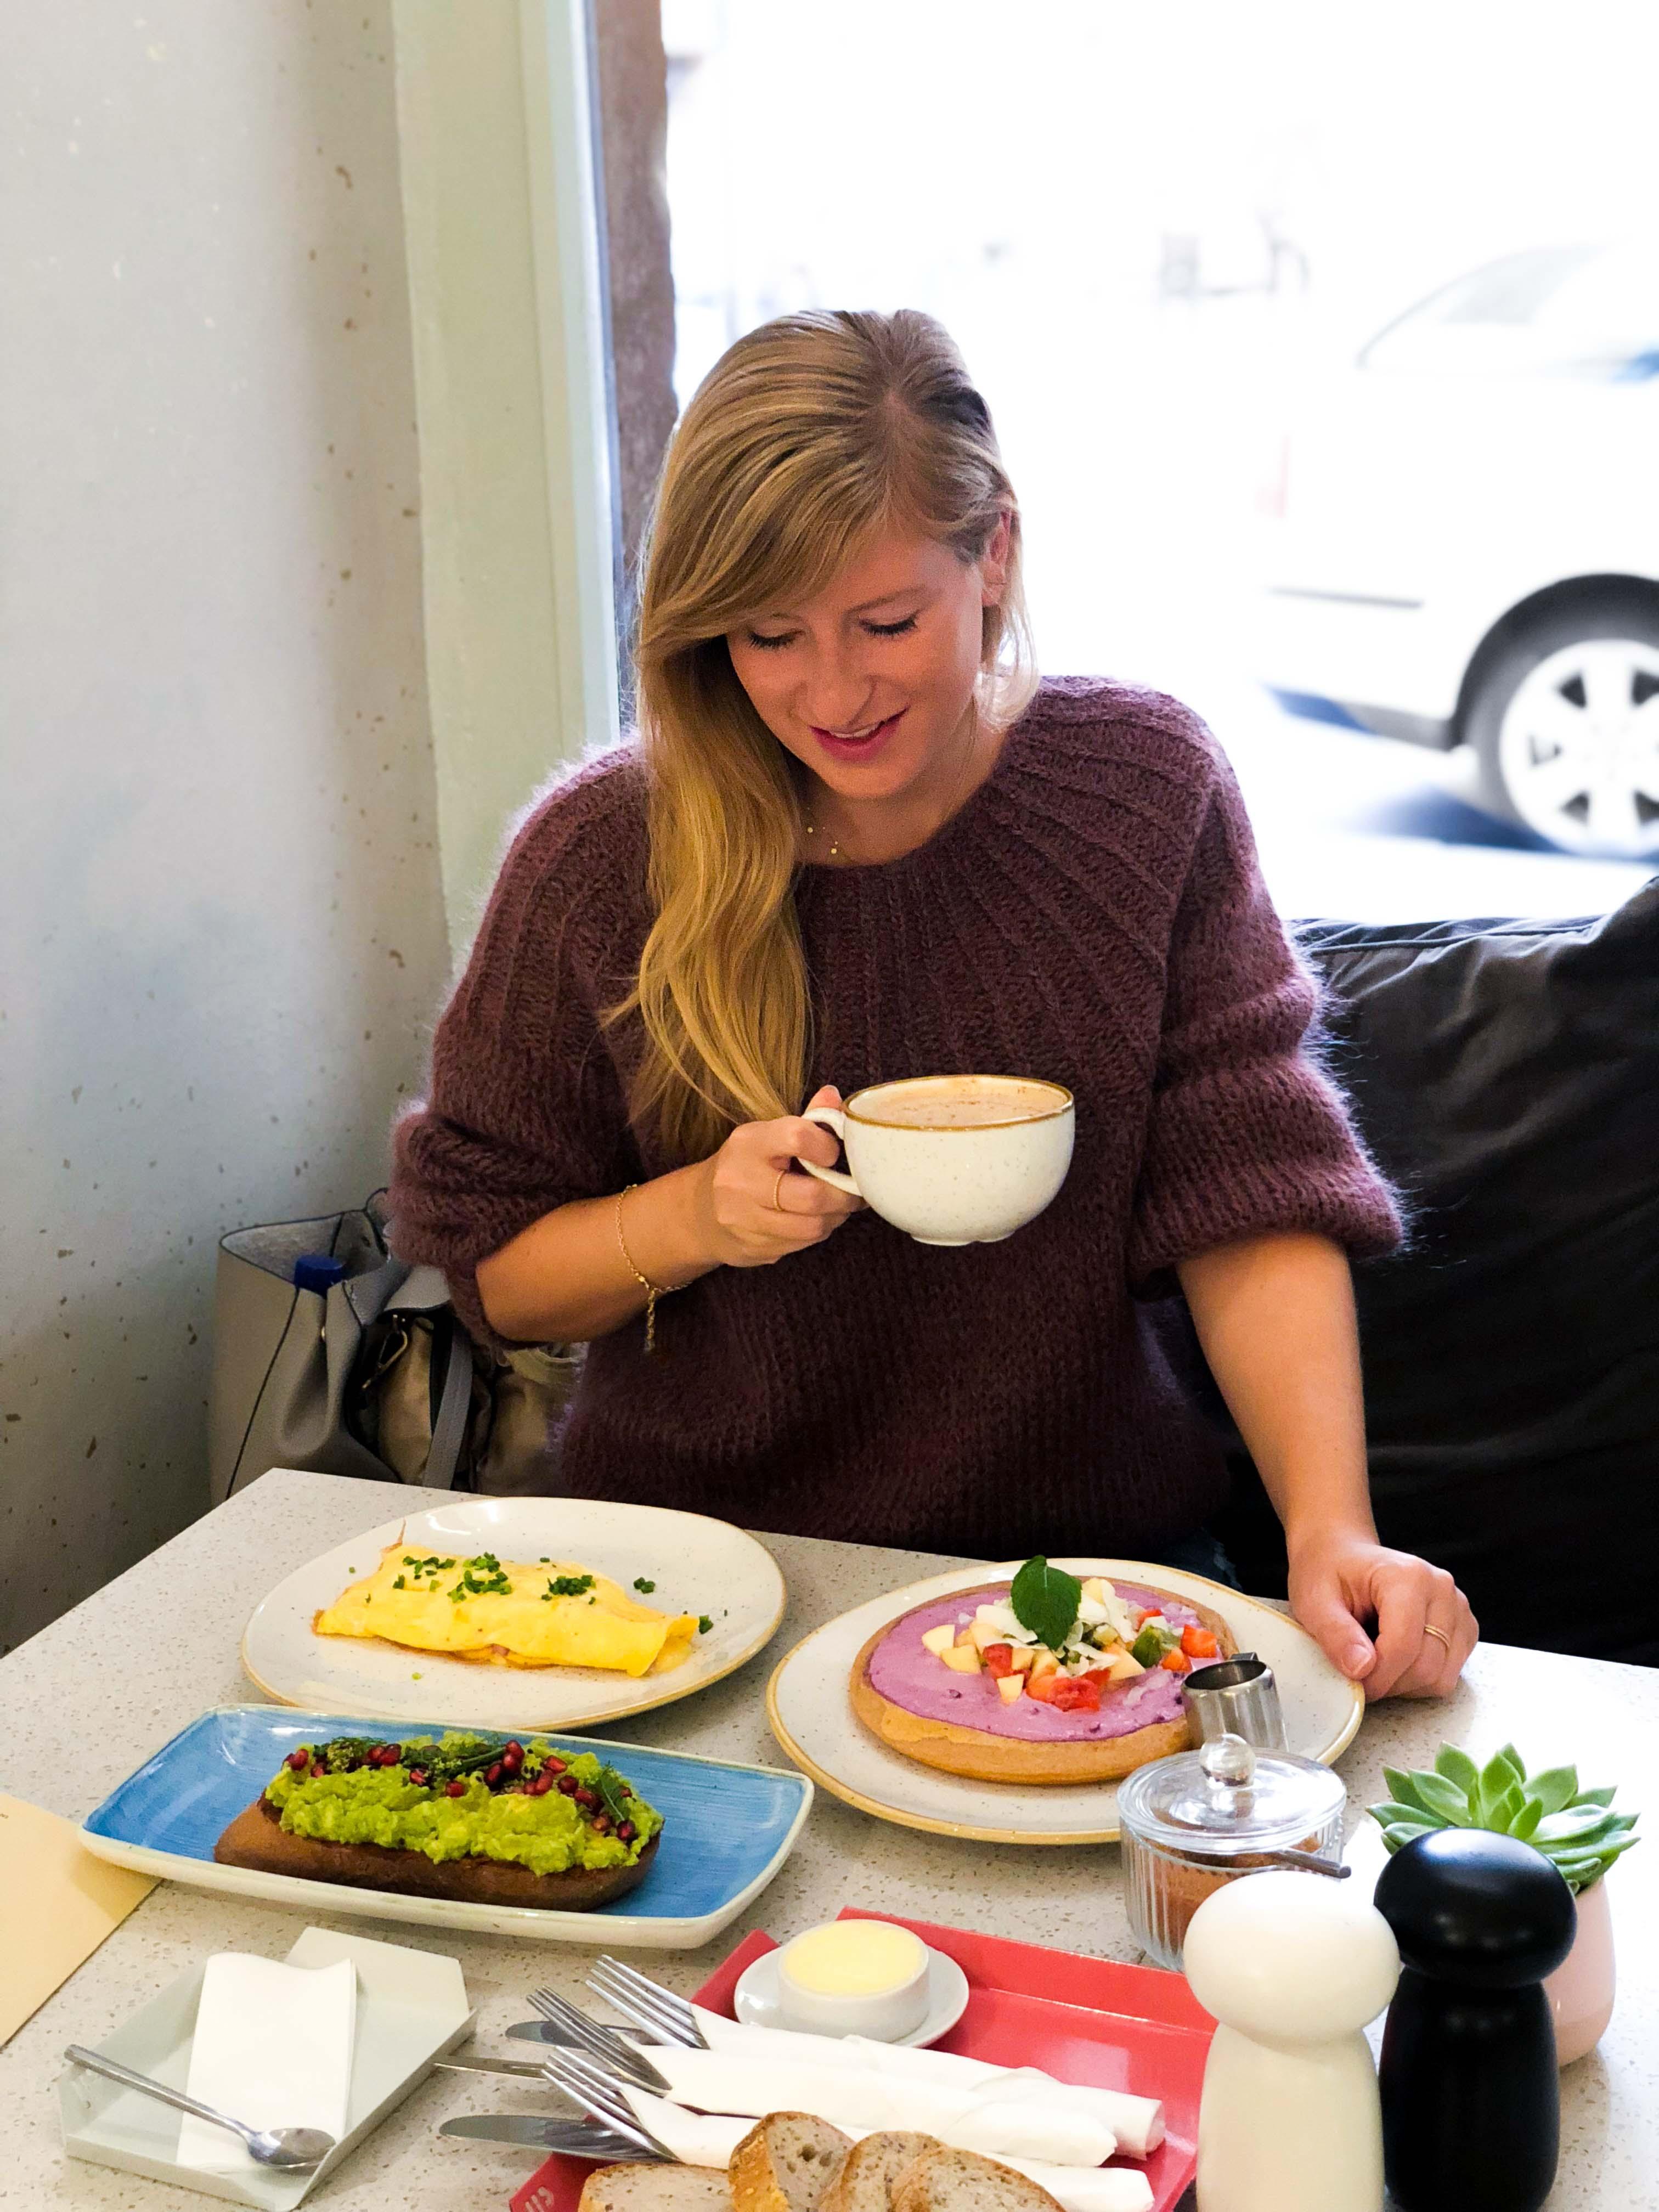 Pauseteria Frühstück Restaurant Insider Tipps Prag Food Tipps besten Restaurants Prag Pancakes Avocadobrot Omelette 2